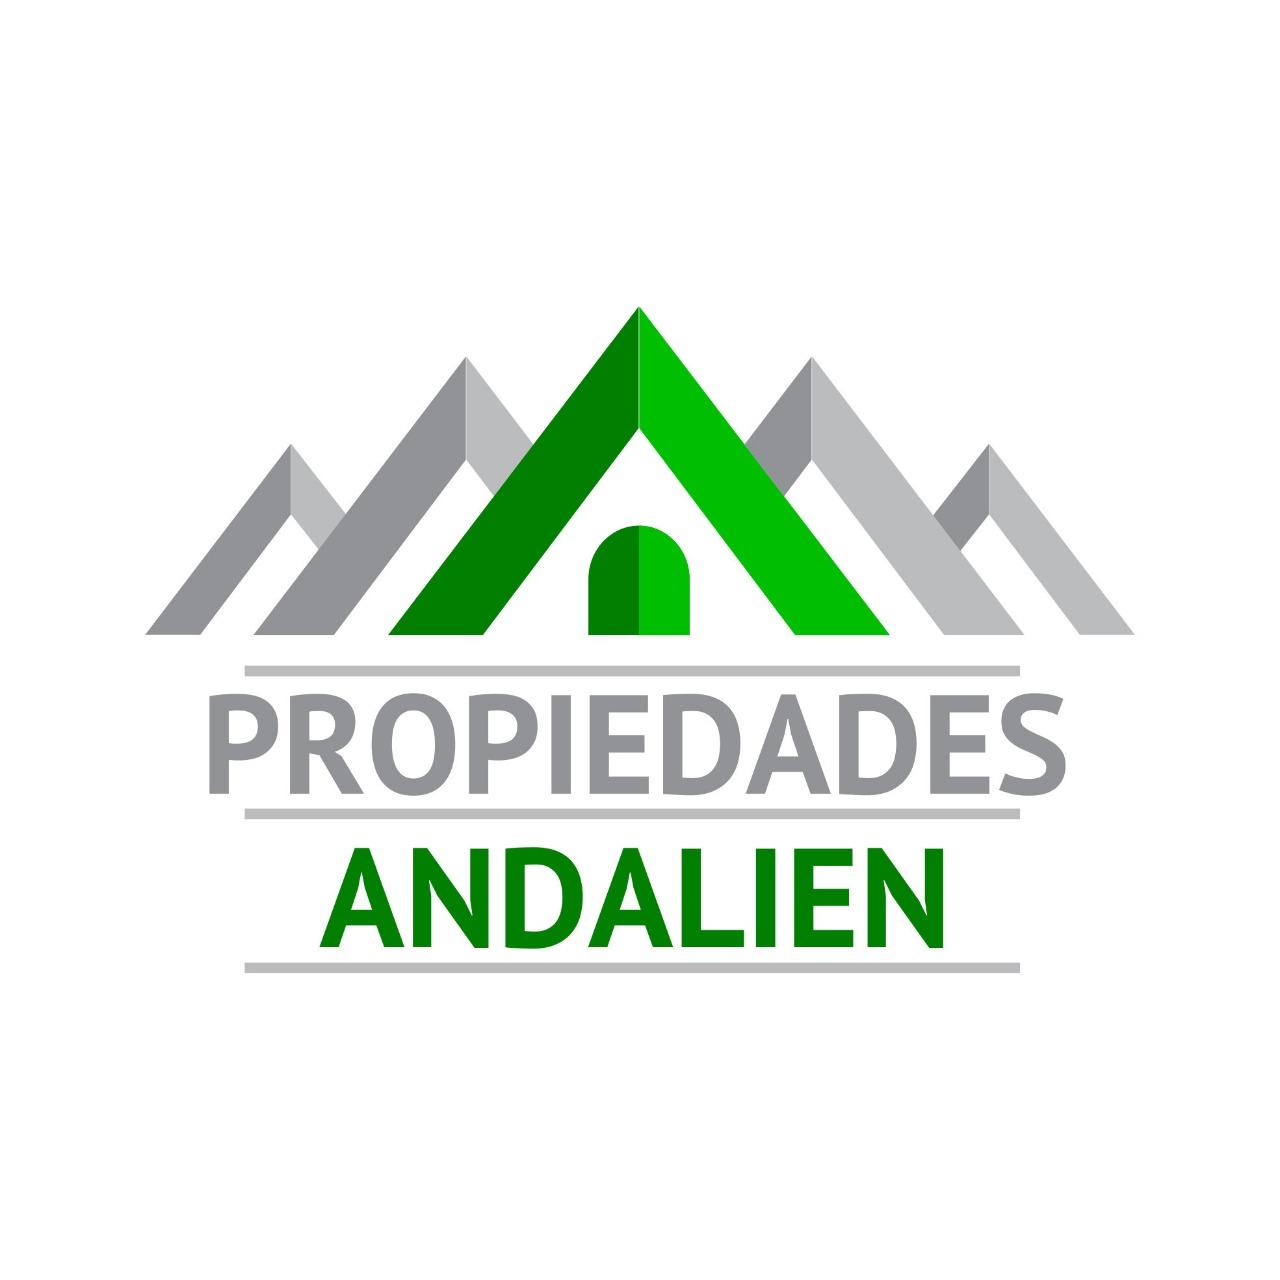 PROPIEDADES ANDALIÉN